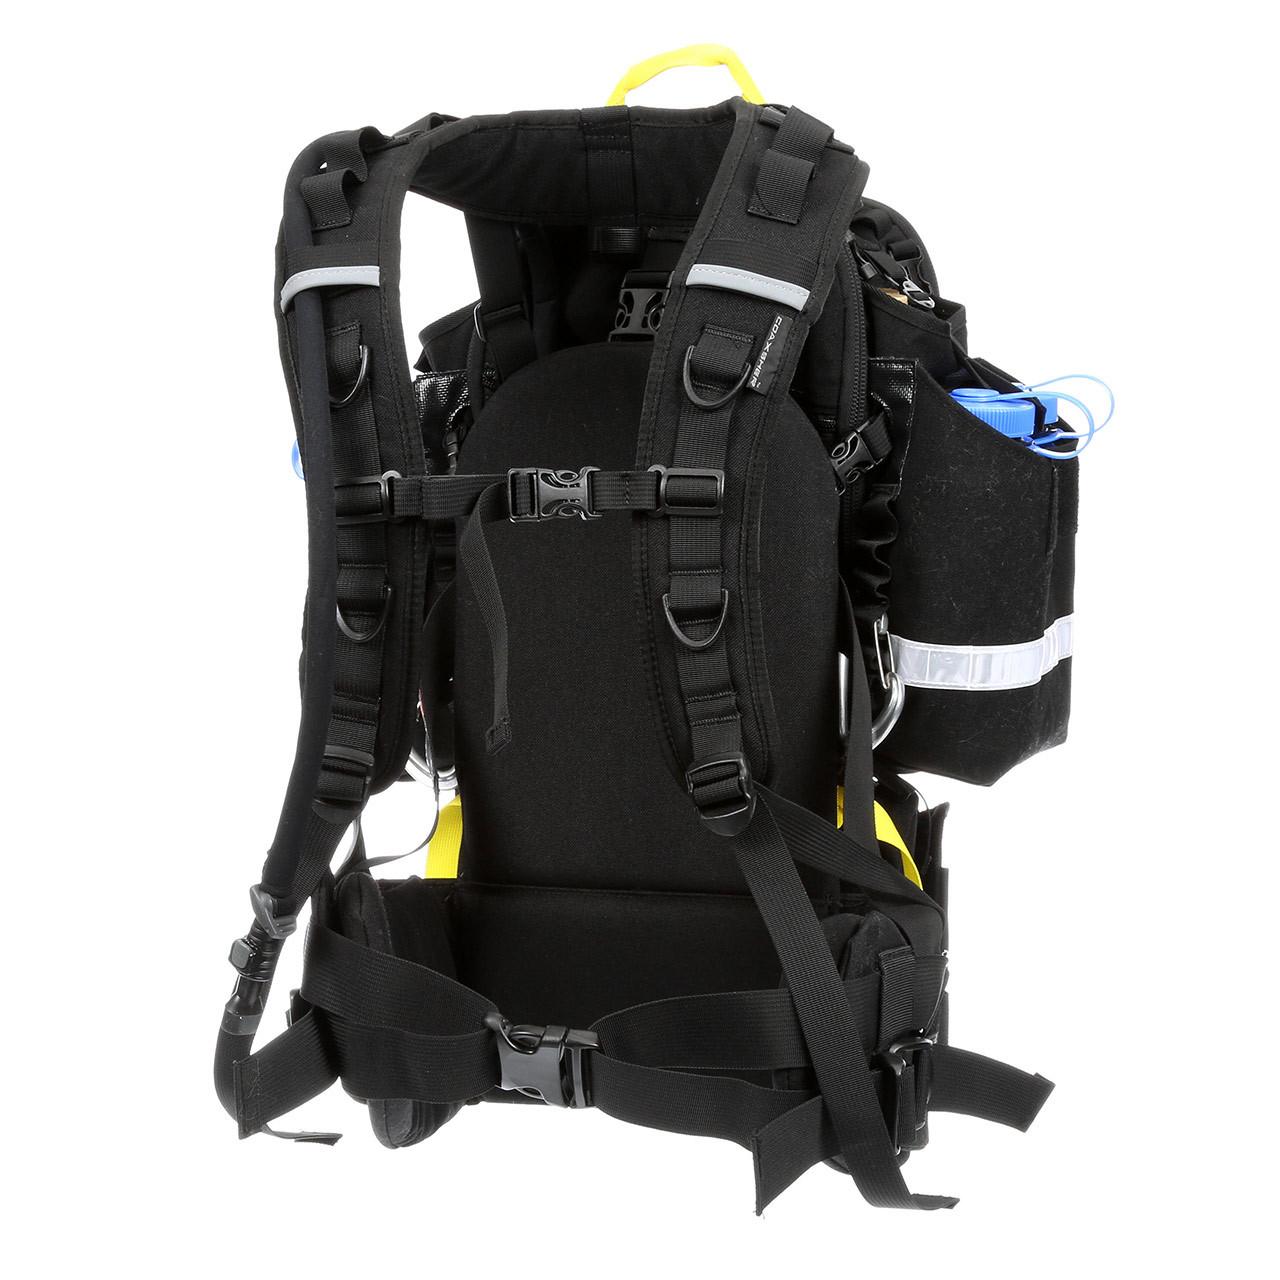 Coaxsher FS-1 Ranger - Black